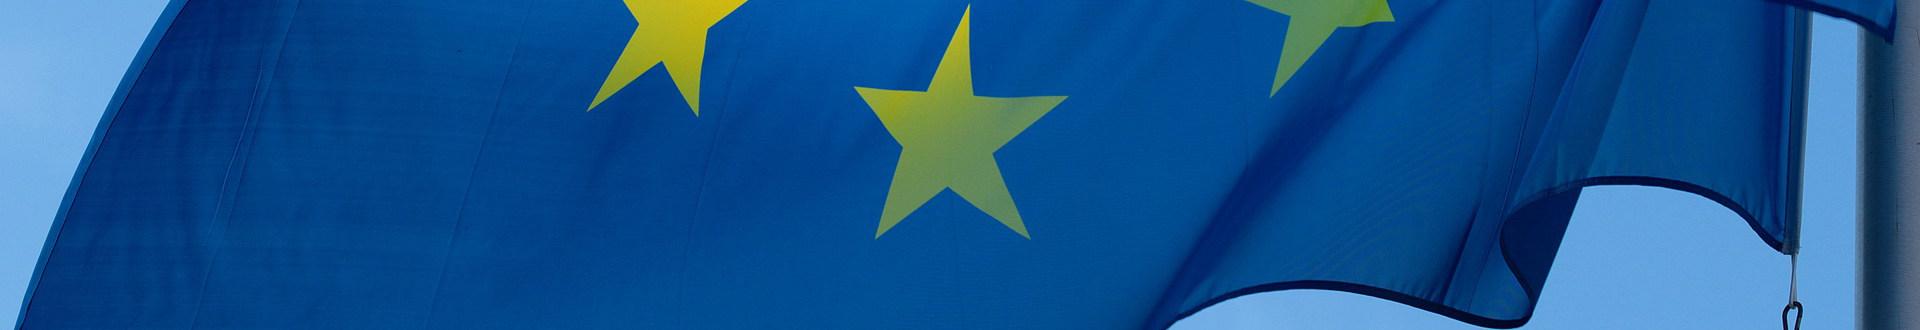 Europaweit Hartz 4 - Abbau des Sozialstaats ist Ziel der EU-Kommission